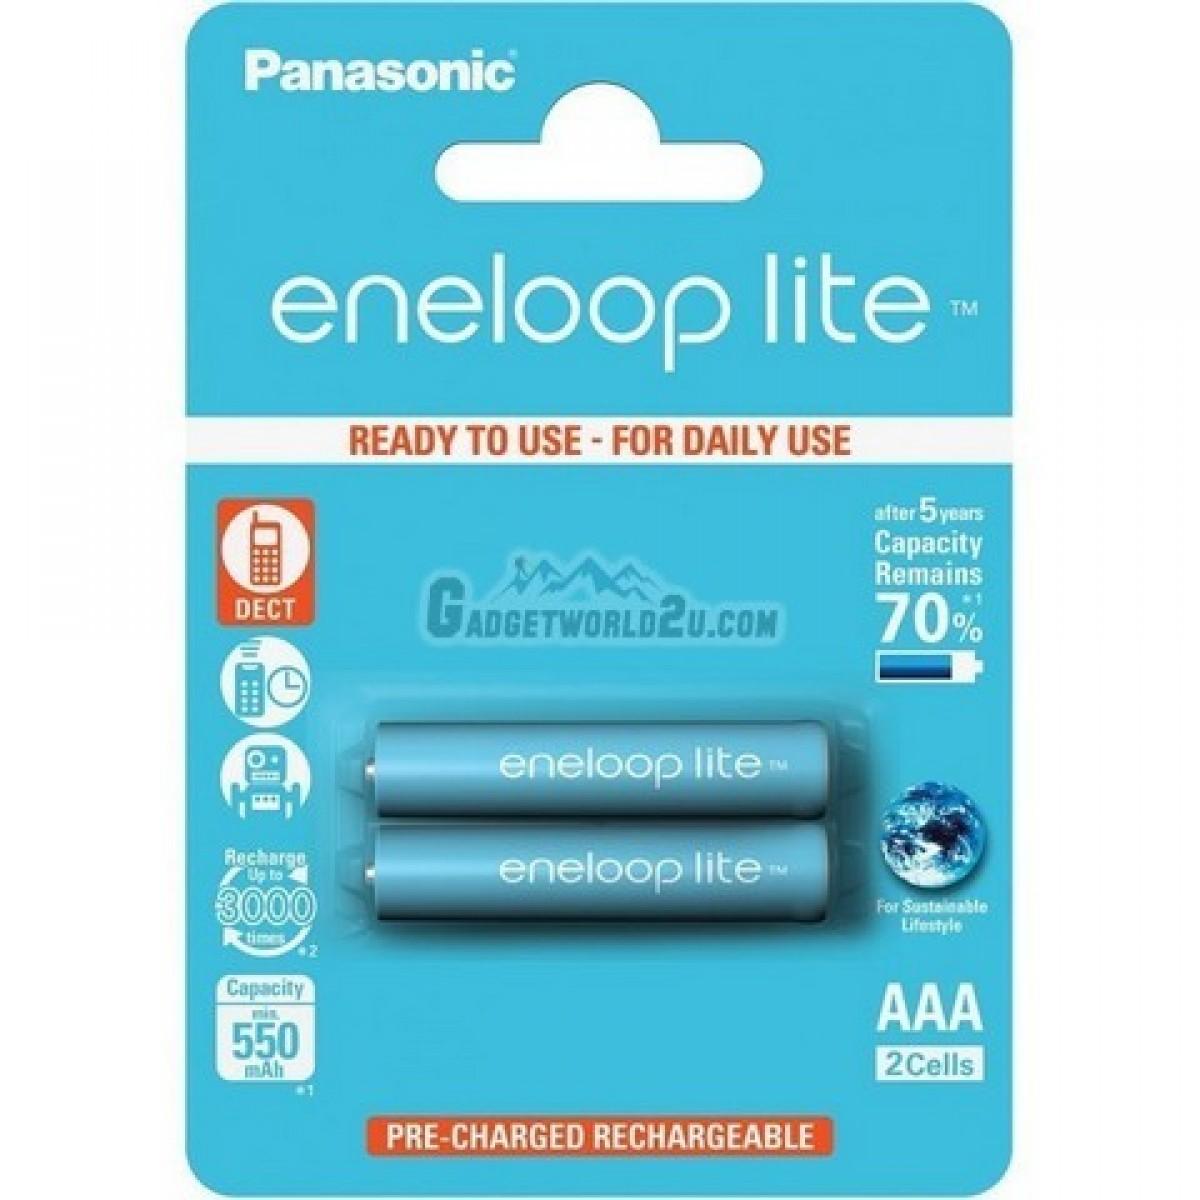 Panasonic Eneloop Lite AAA x2 600mAh NiMh Rechargeable